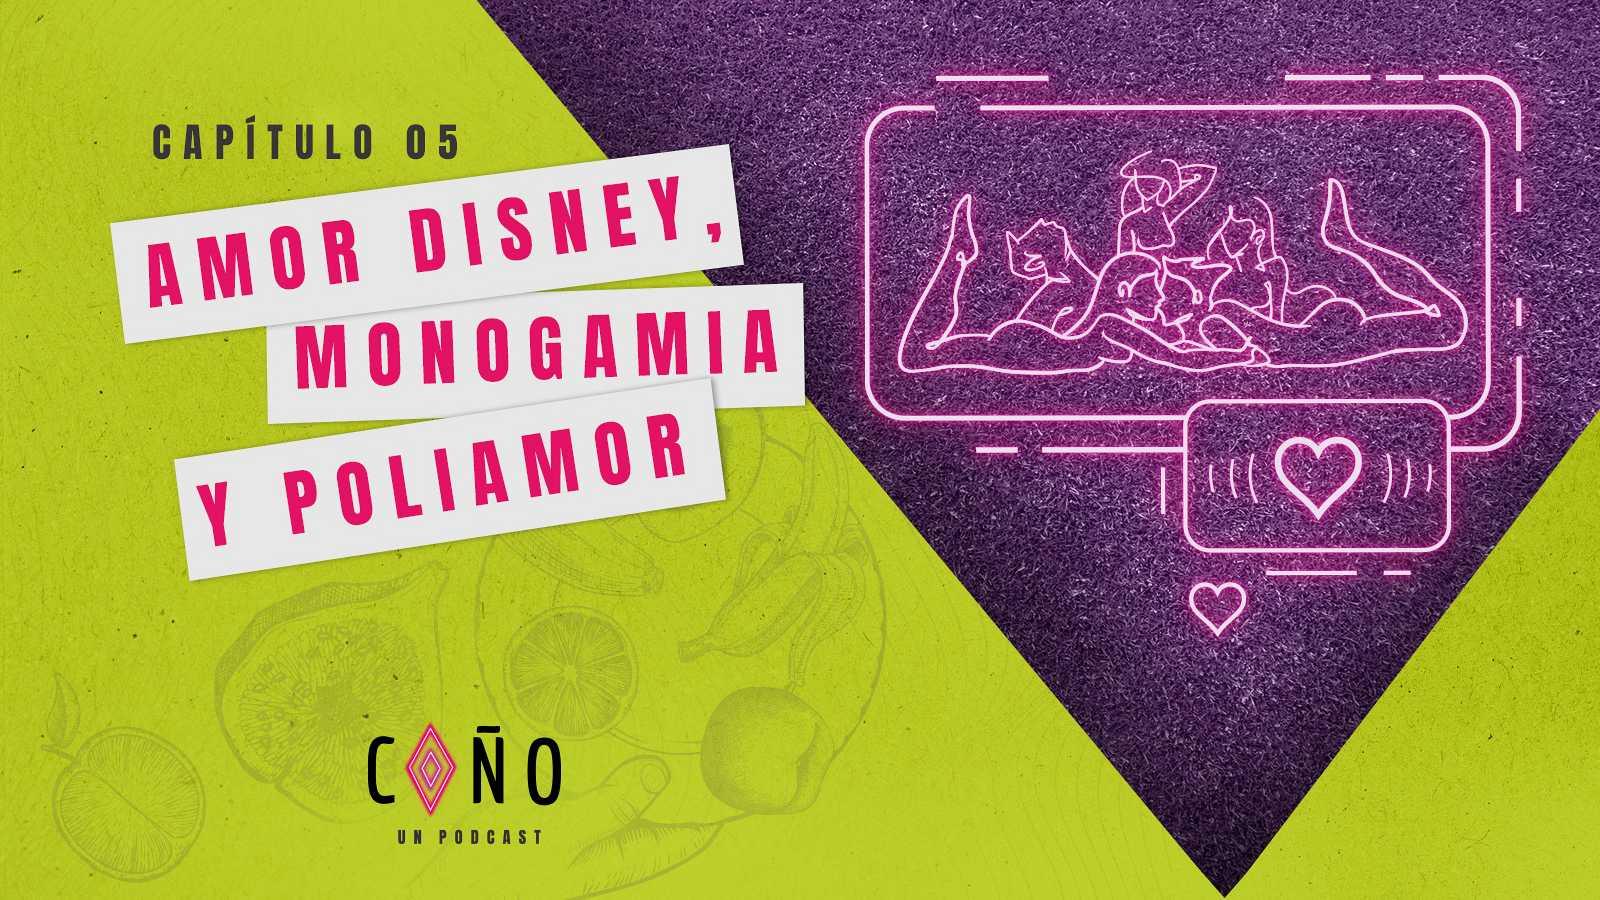 ¡Coño, un podcast!: Amor Disney, monogamia y poliamor - escuchar ahora